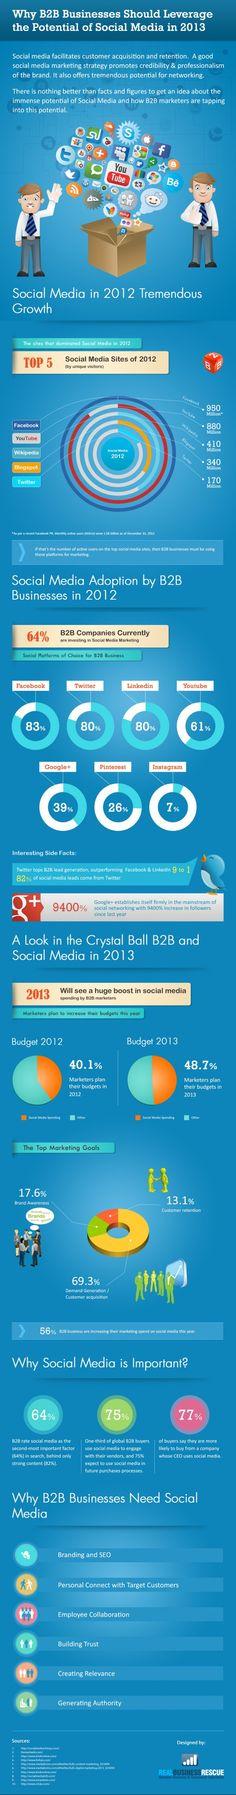 Il potenziale dei #SocialMedia per il #B2B marketing e come il B2B sta sfruttando questo potenziale.